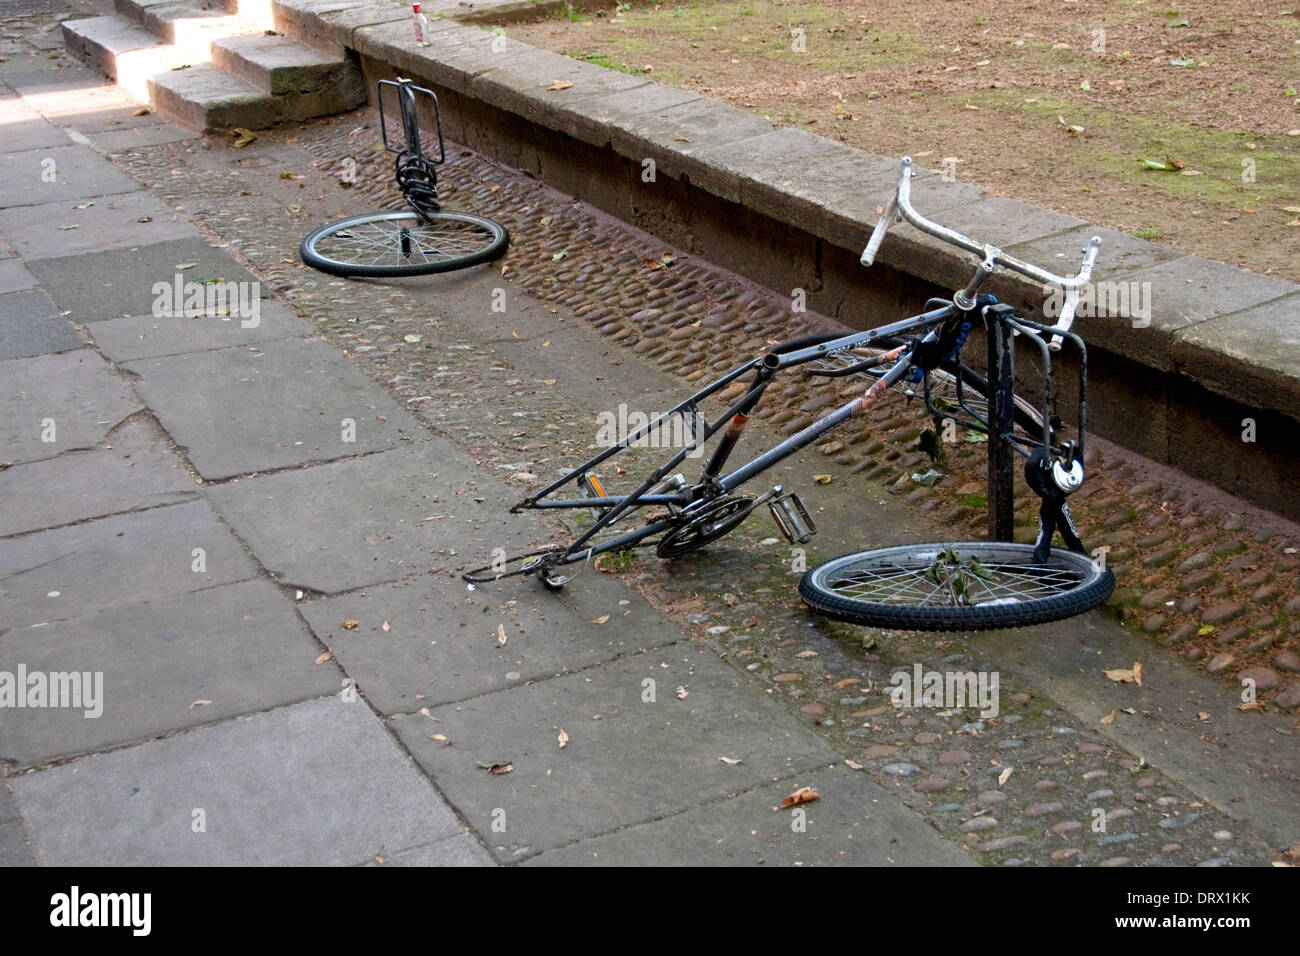 Bicycles, Locked, damaged, theft, vandalism. - Stock Image